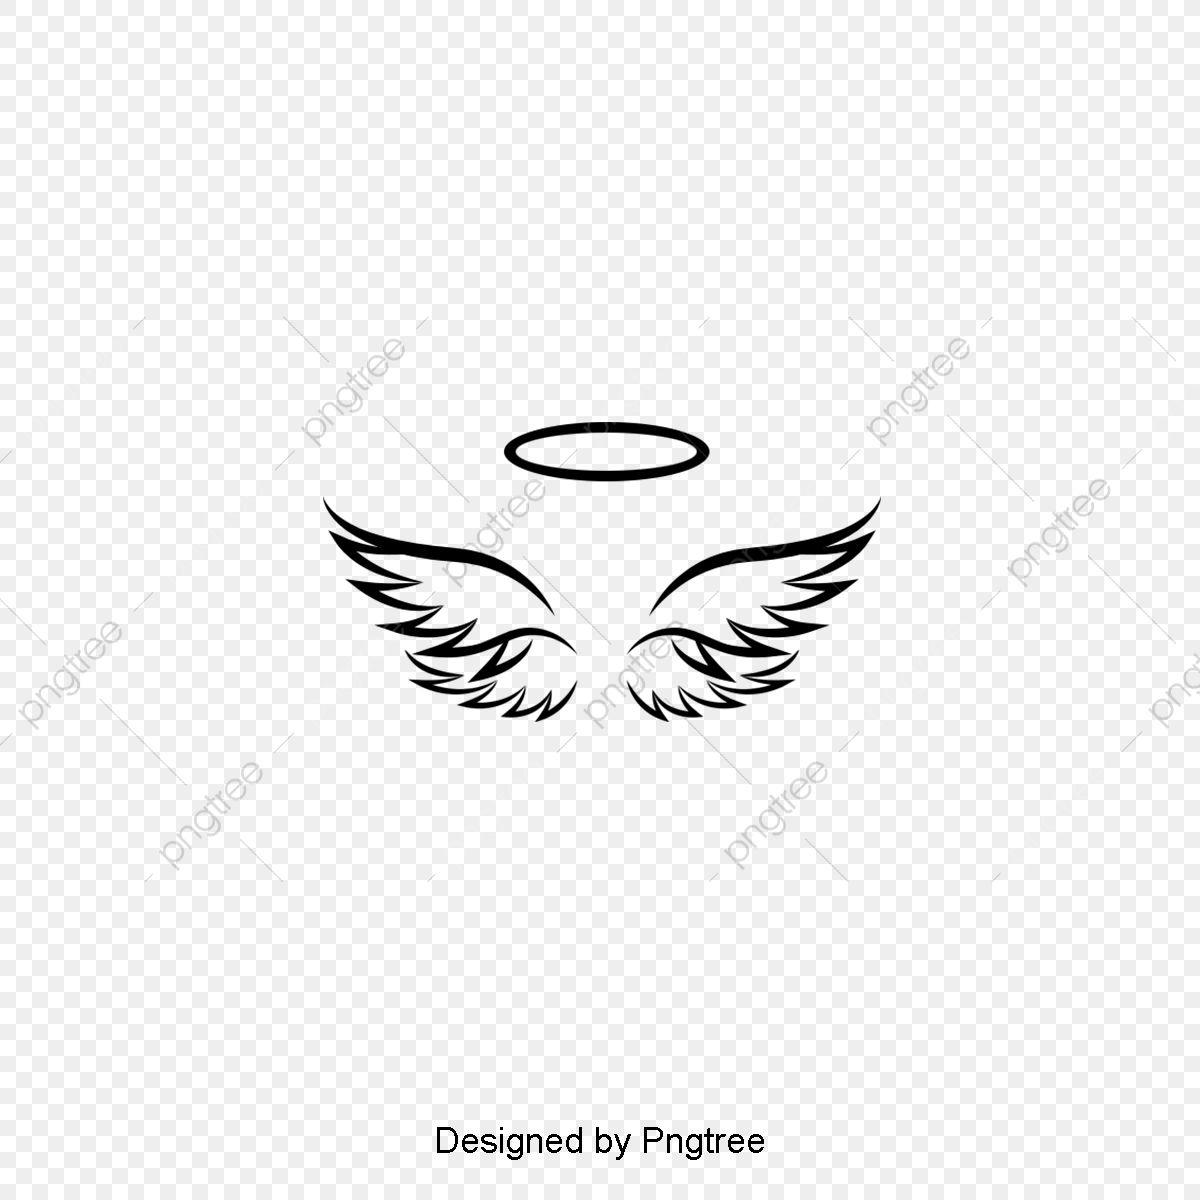 Silhouette Design Of Simple Angel Wings Angel Wings Tattoo Wings Tattoo Small Angel Wing Tattoo